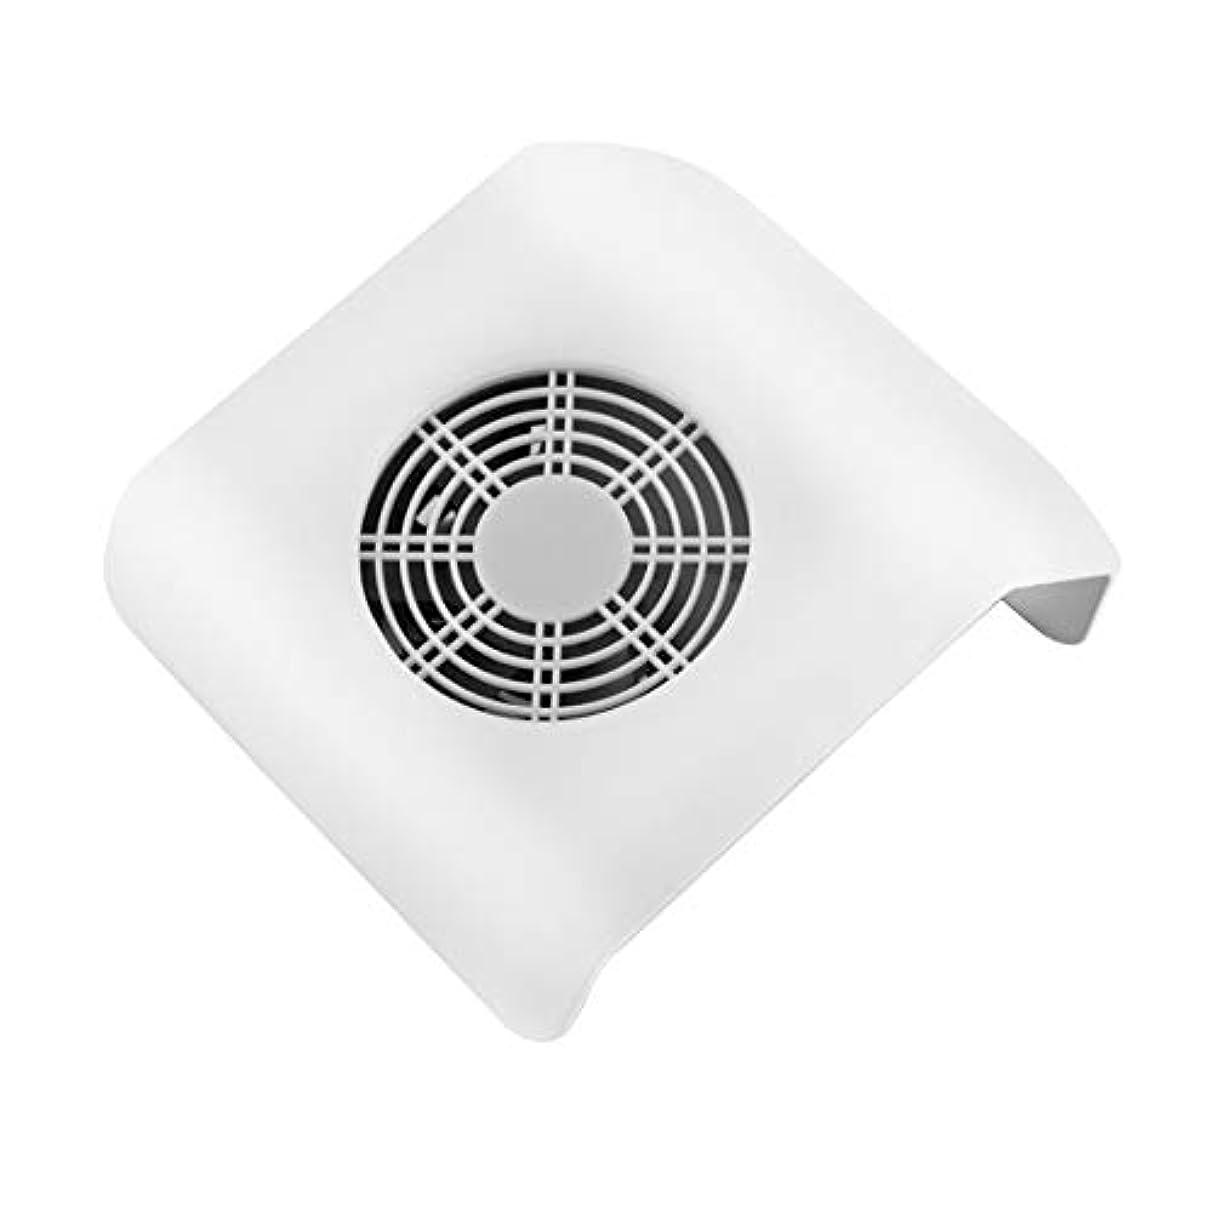 ネイルポリッシュアンロード掃除機高速充電式風力発電ハイパワー掃除機強力なネイル掃除機プロフェッショナルサロンネイルダストコレクター